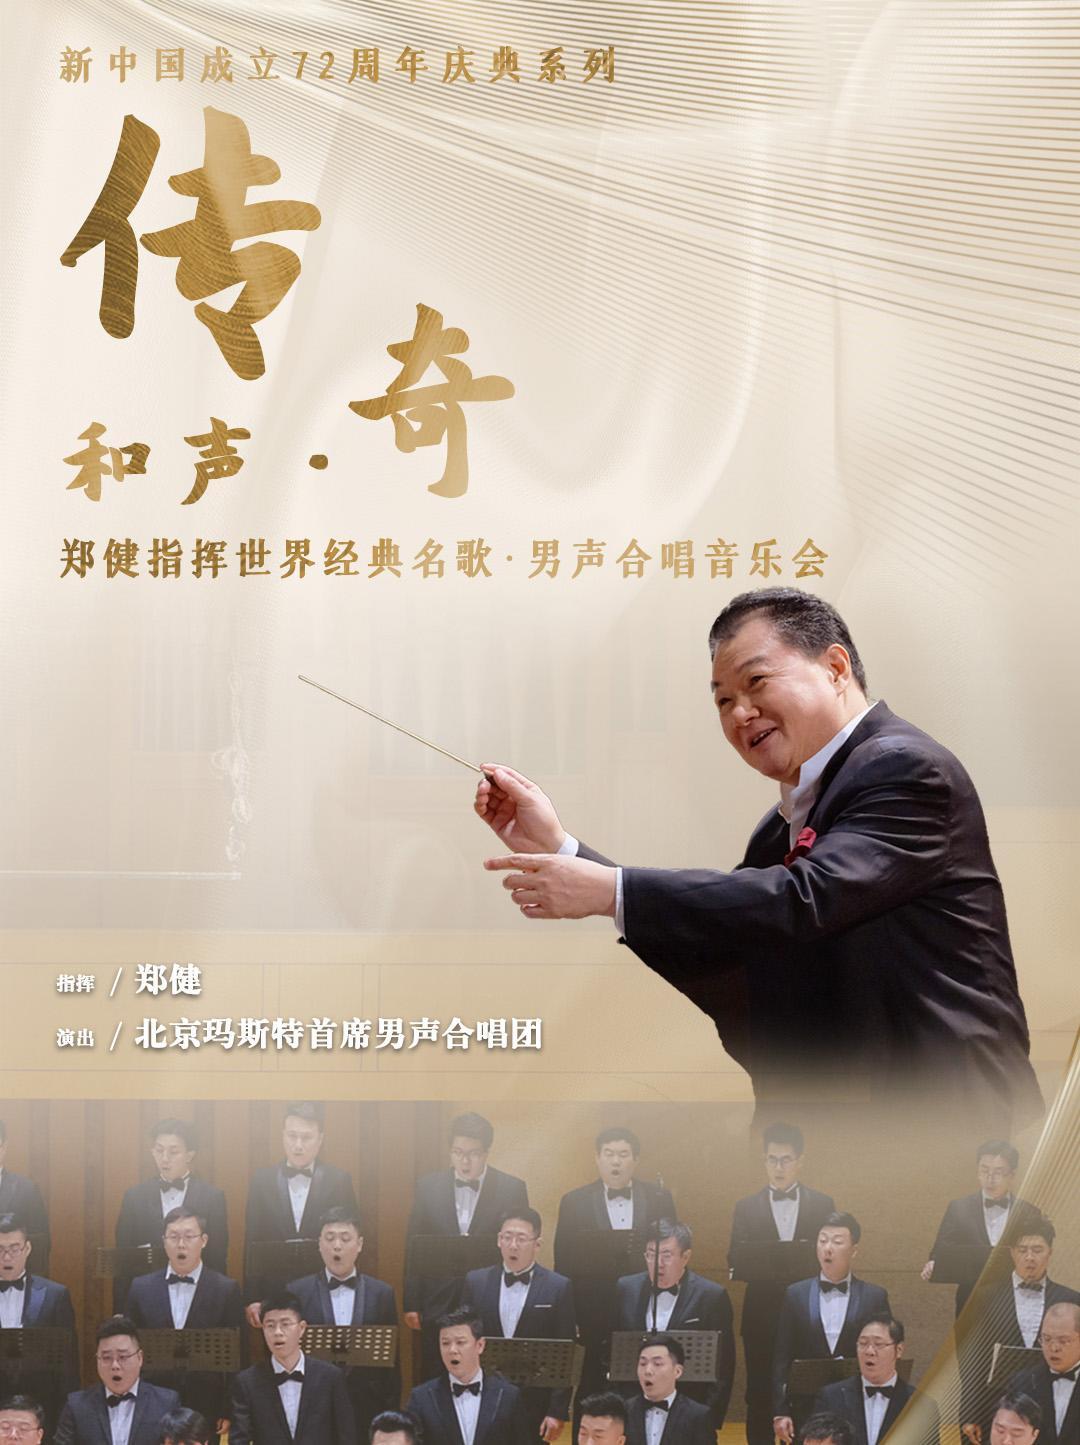 郑健指挥世界经典名歌·男声合唱音乐会